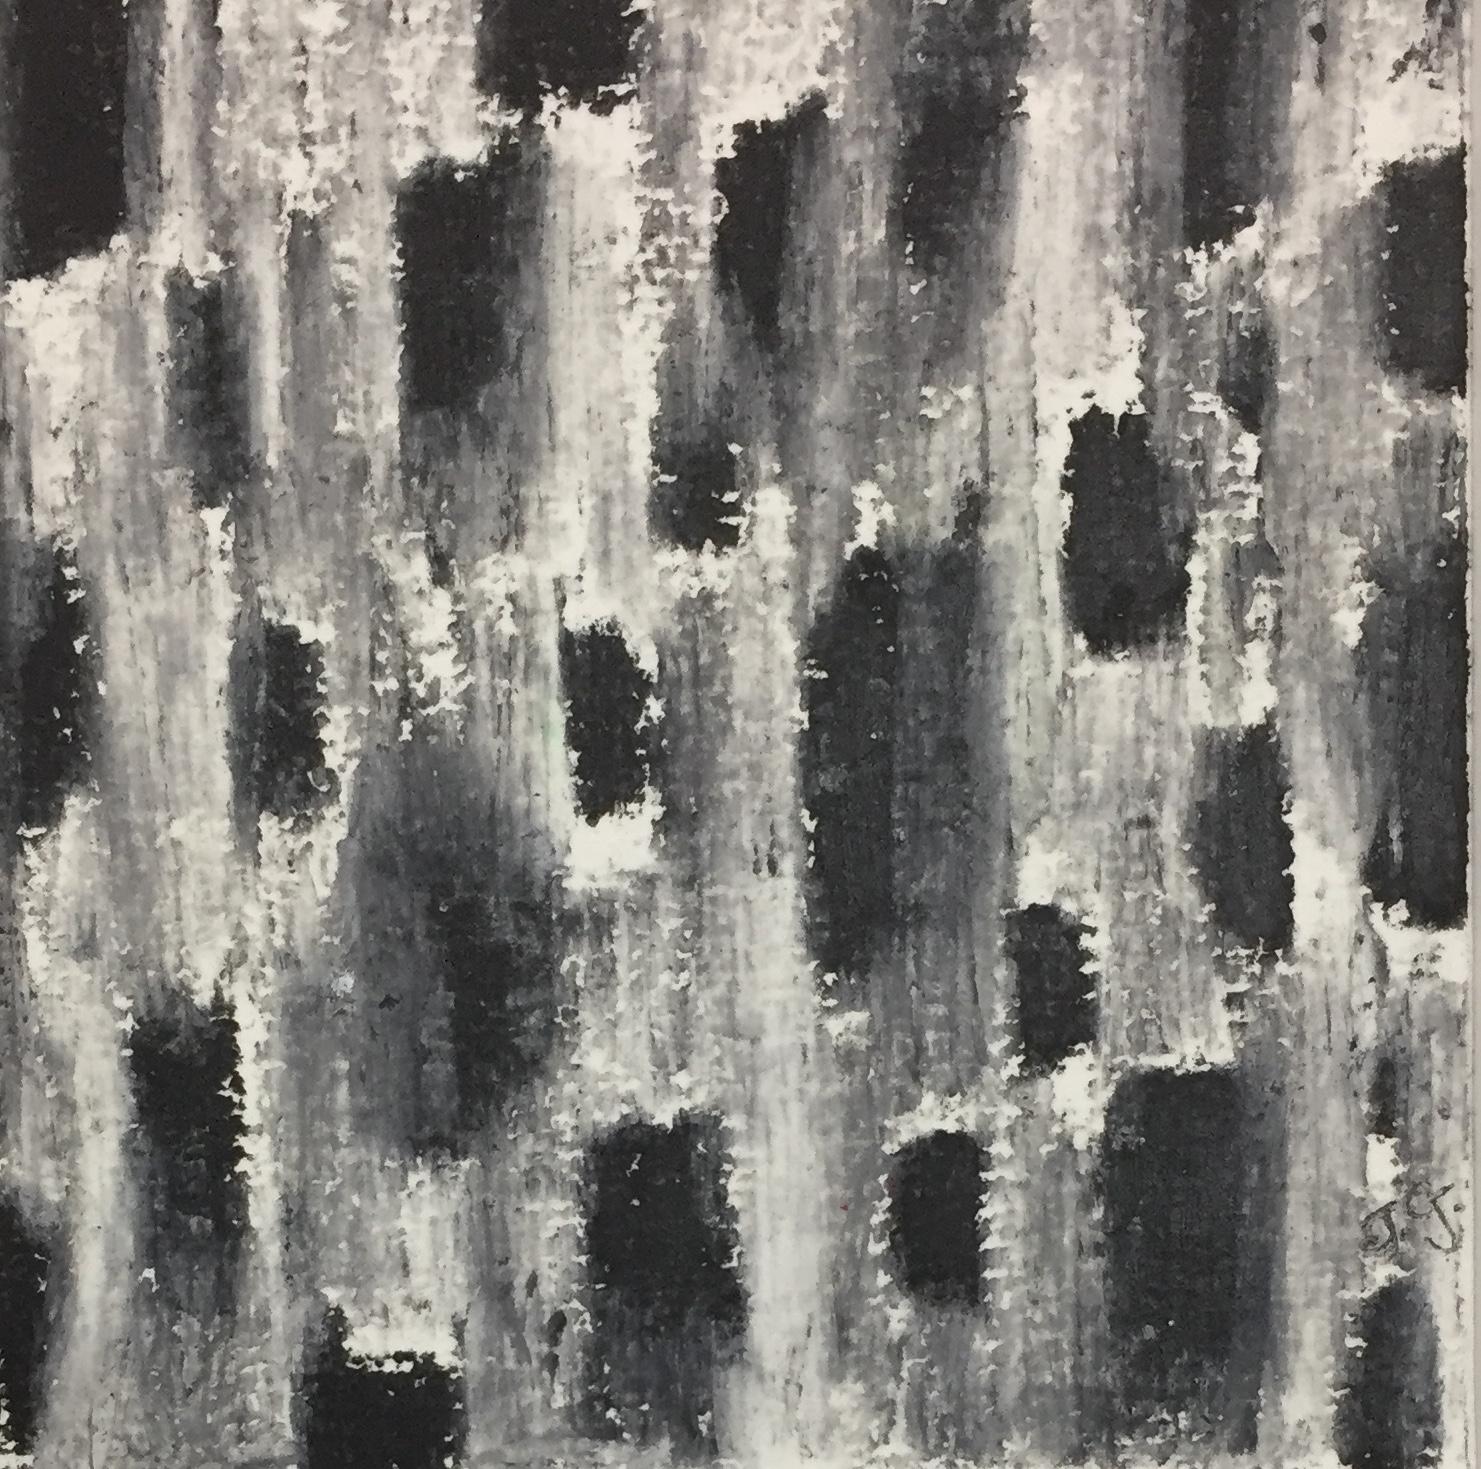 Janelle Goldman_Black and White_oil pastel.JPG